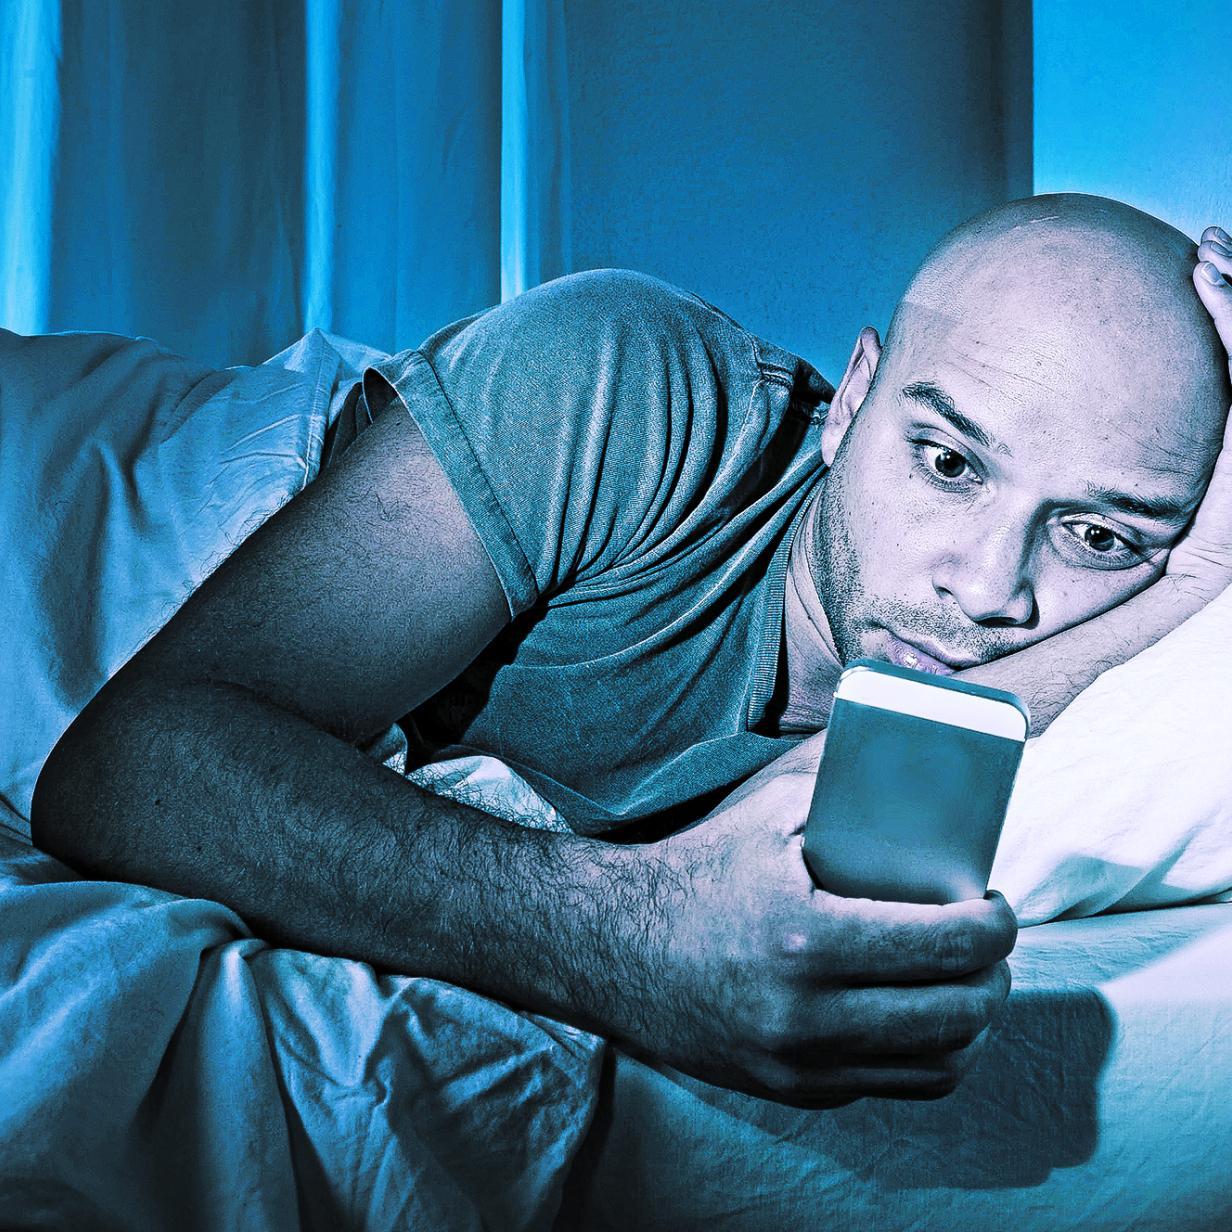 Smartphones versetzen unser Hirn in ständigen Alarmzustand